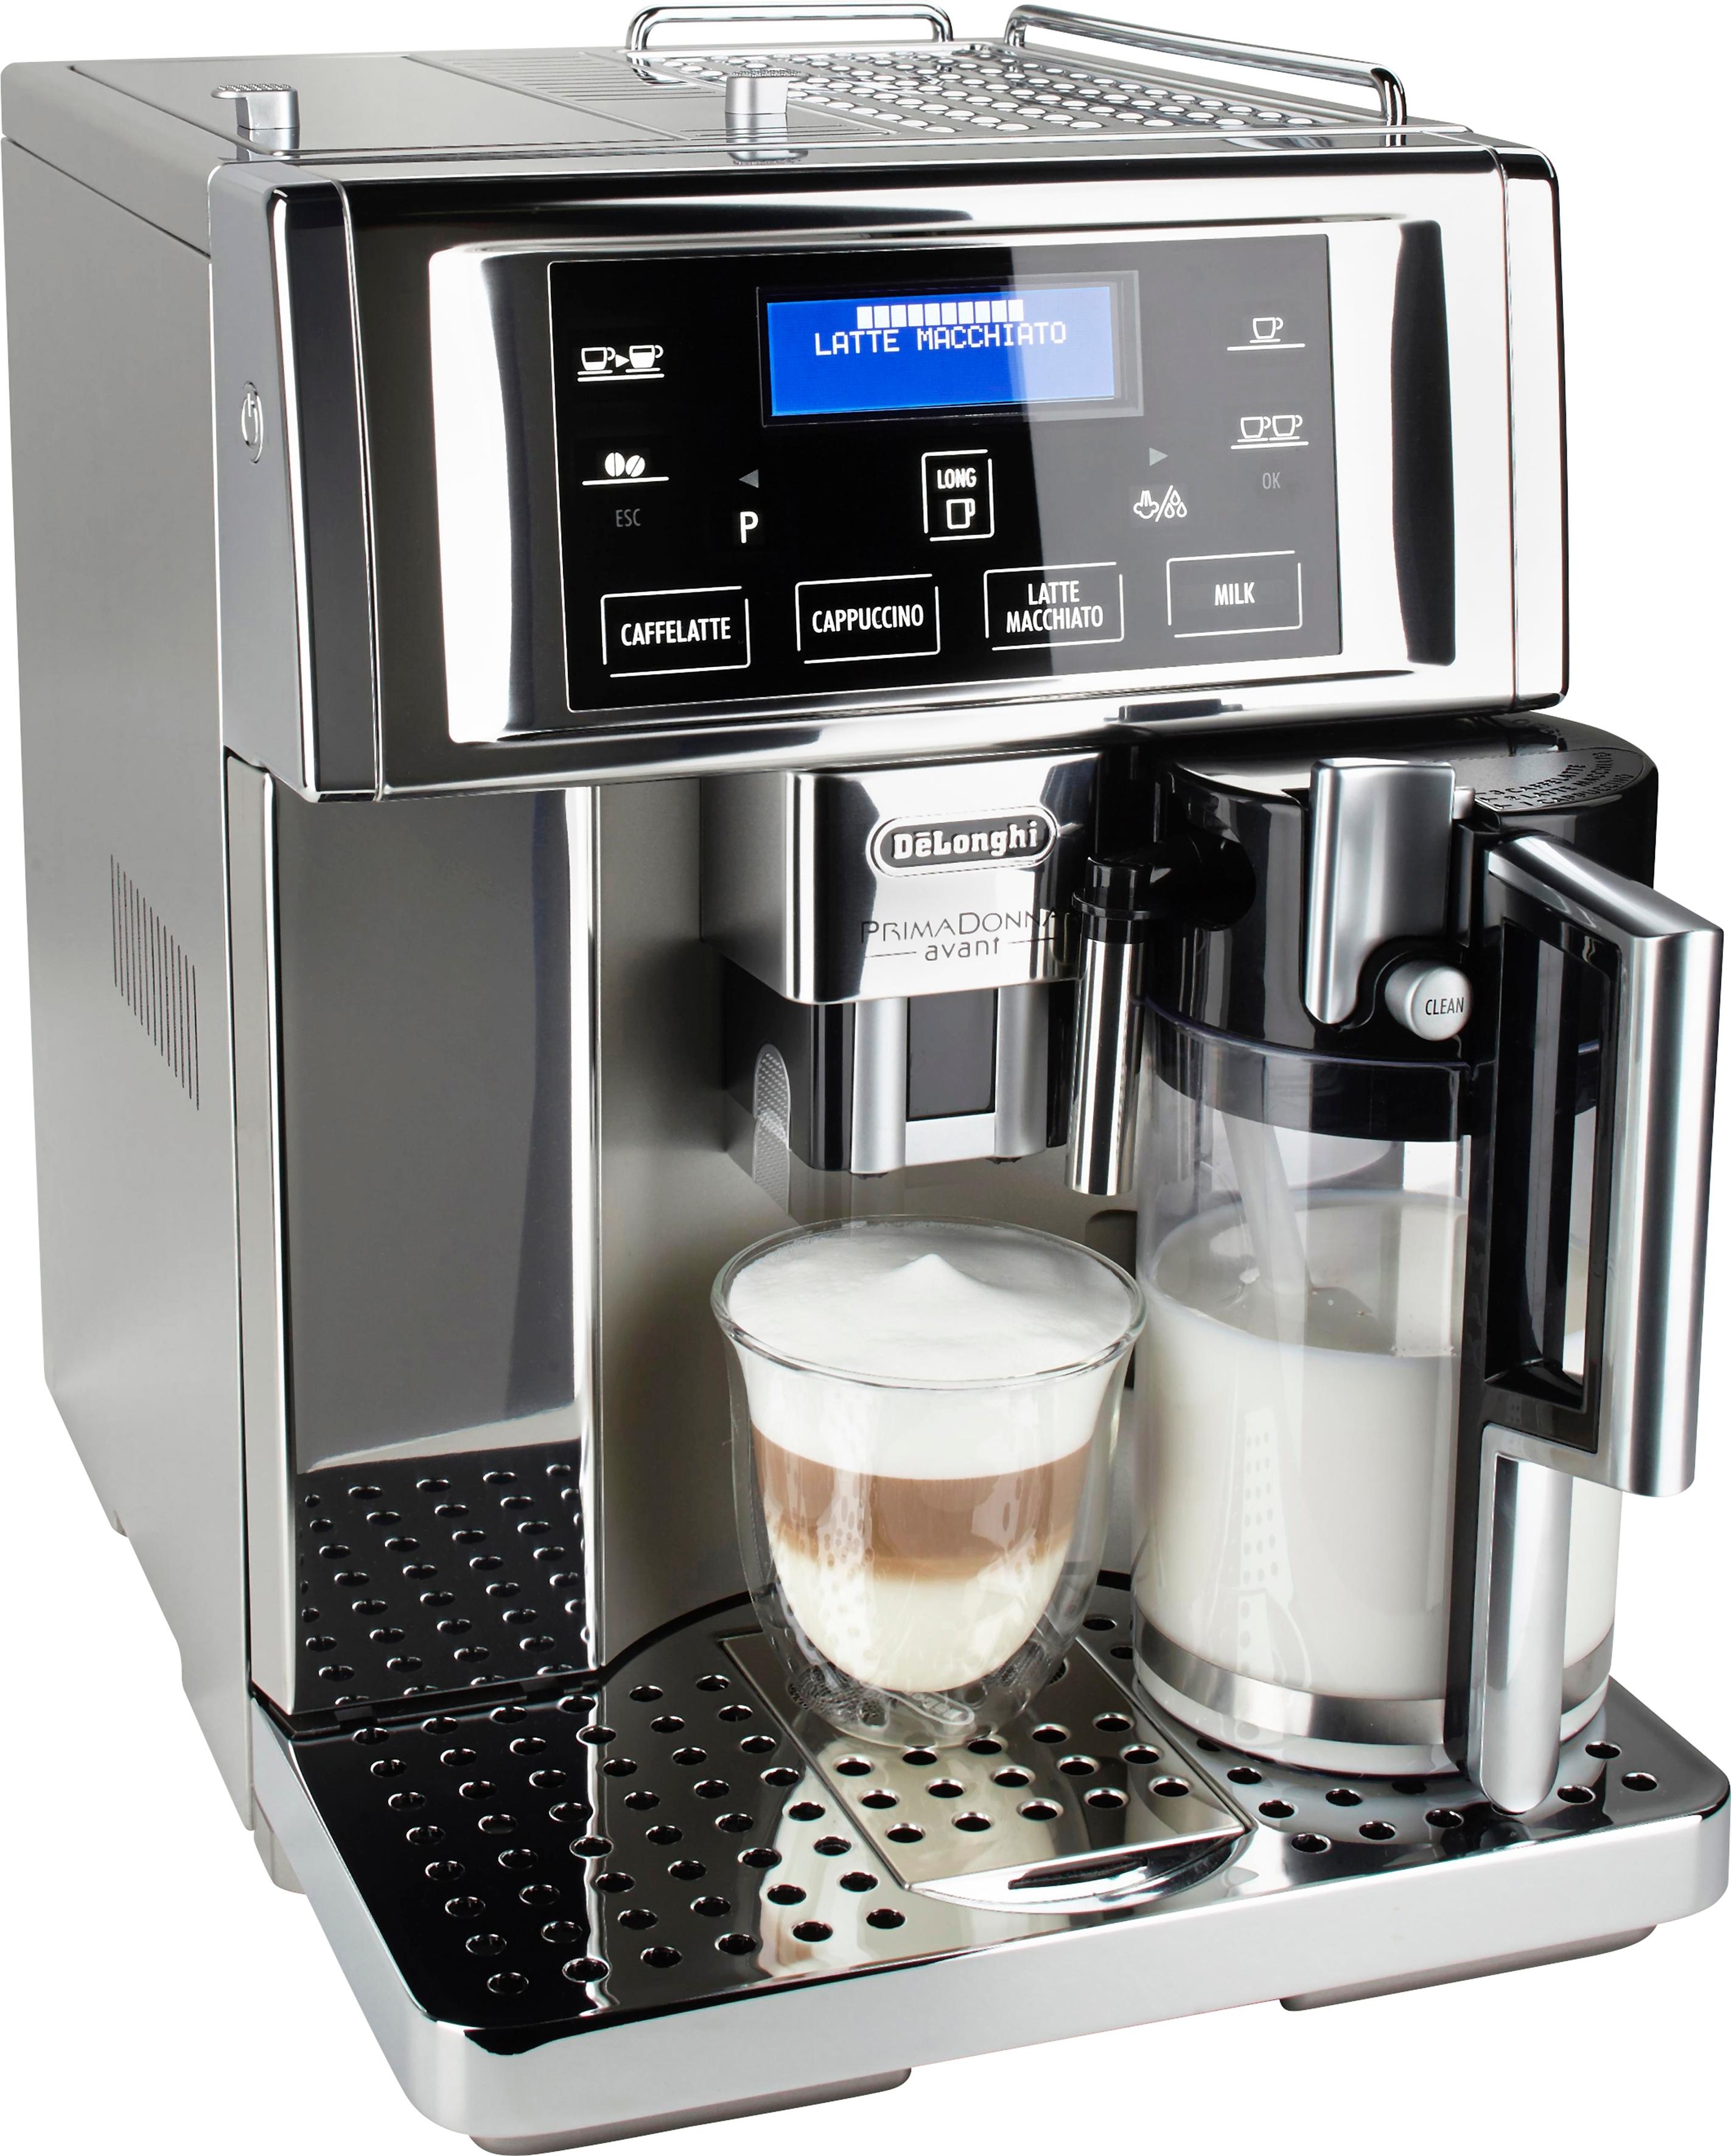 Op zoek naar een De'longhi Delonghi volautomatisch koffiezetapparaat PrimaDonna Avant ESAM 6750, edelstaal? Koop online bij OTTO